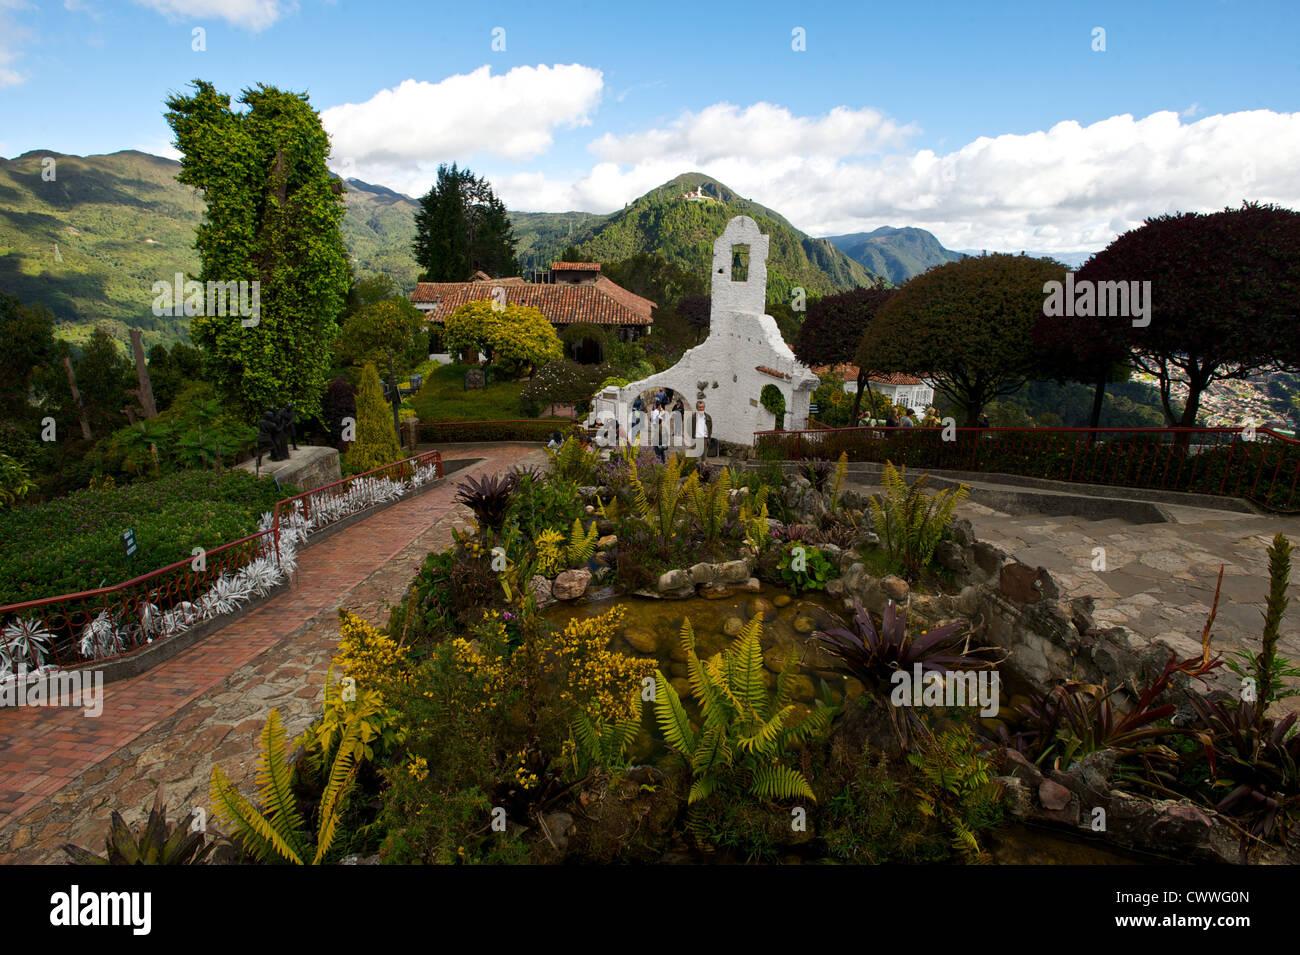 Bellissimo Parco a Bogotà, Colombia, Sud America Immagini Stock